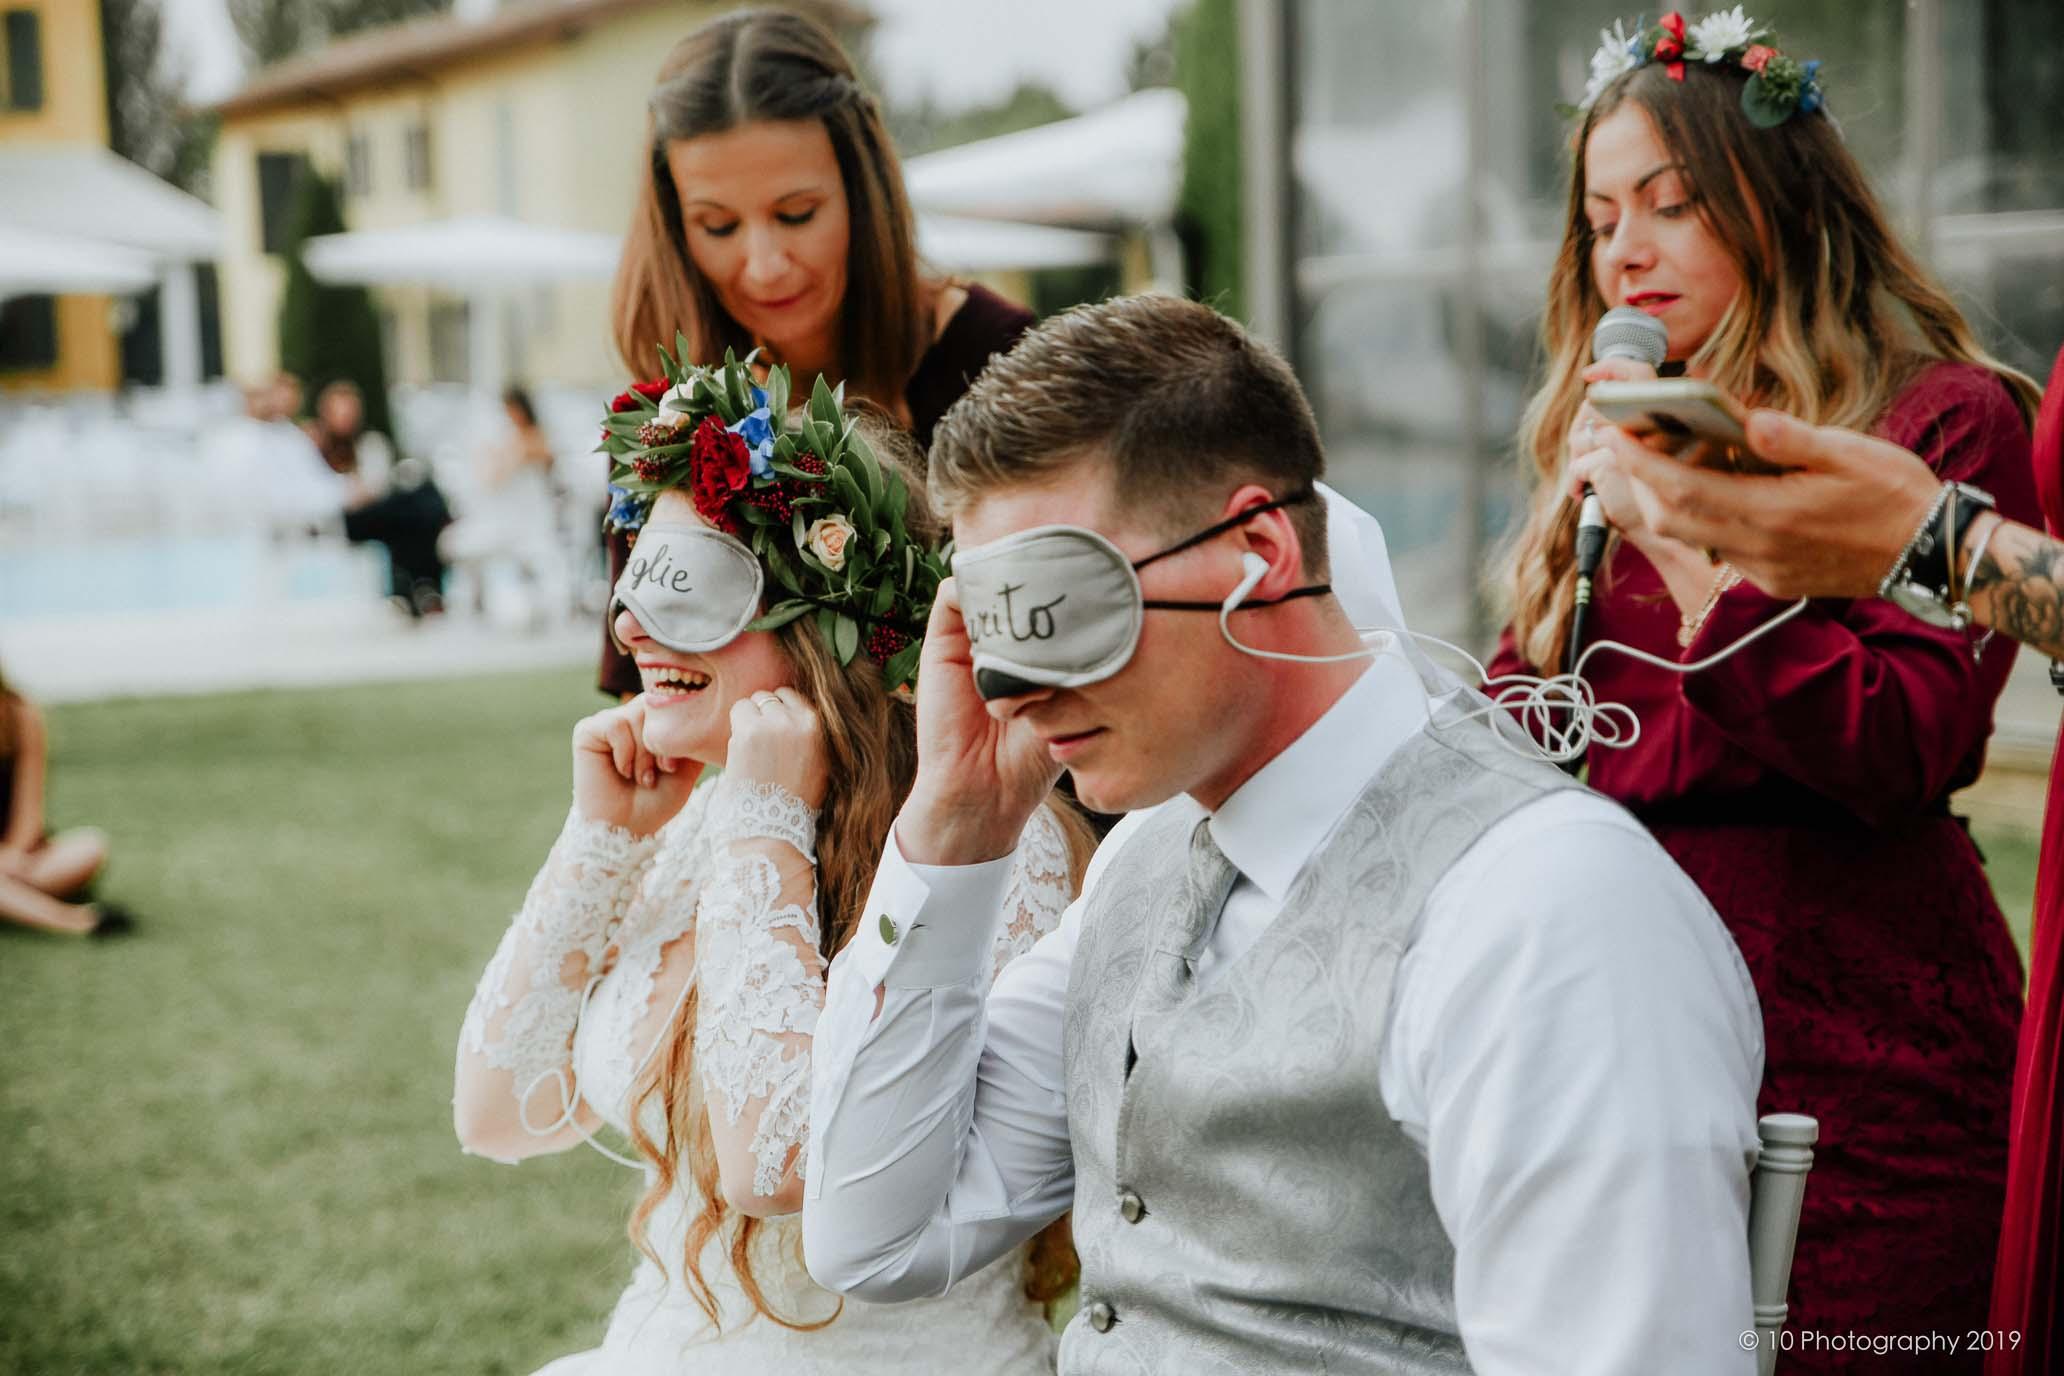 giochi matrimonio boho chic autunnale